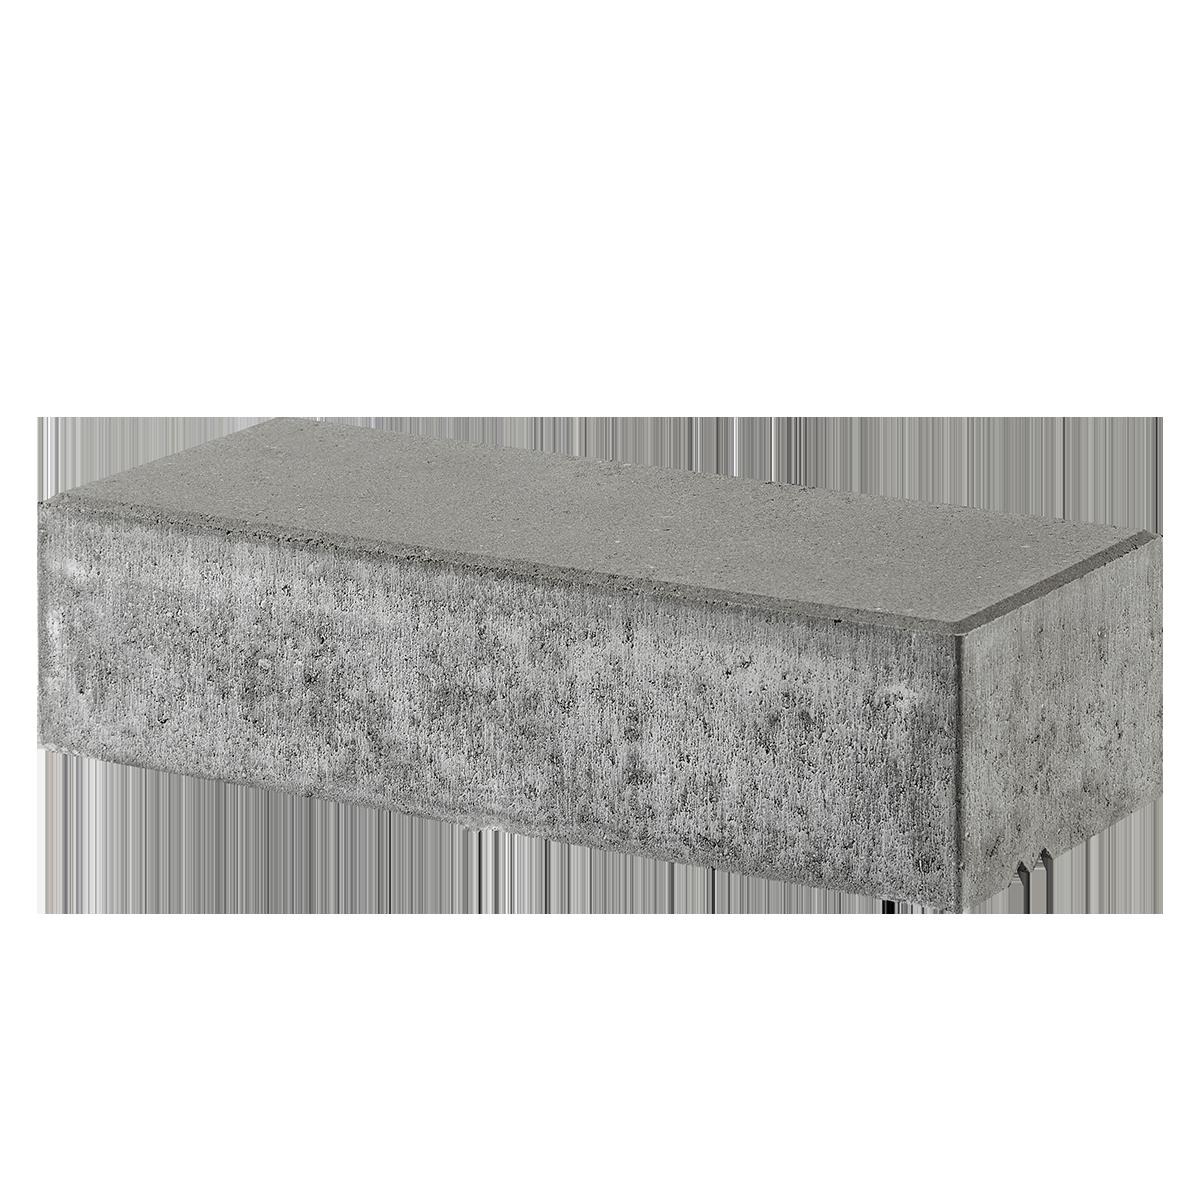 2B Murelementer 50x20x13 cm Grå afdækning